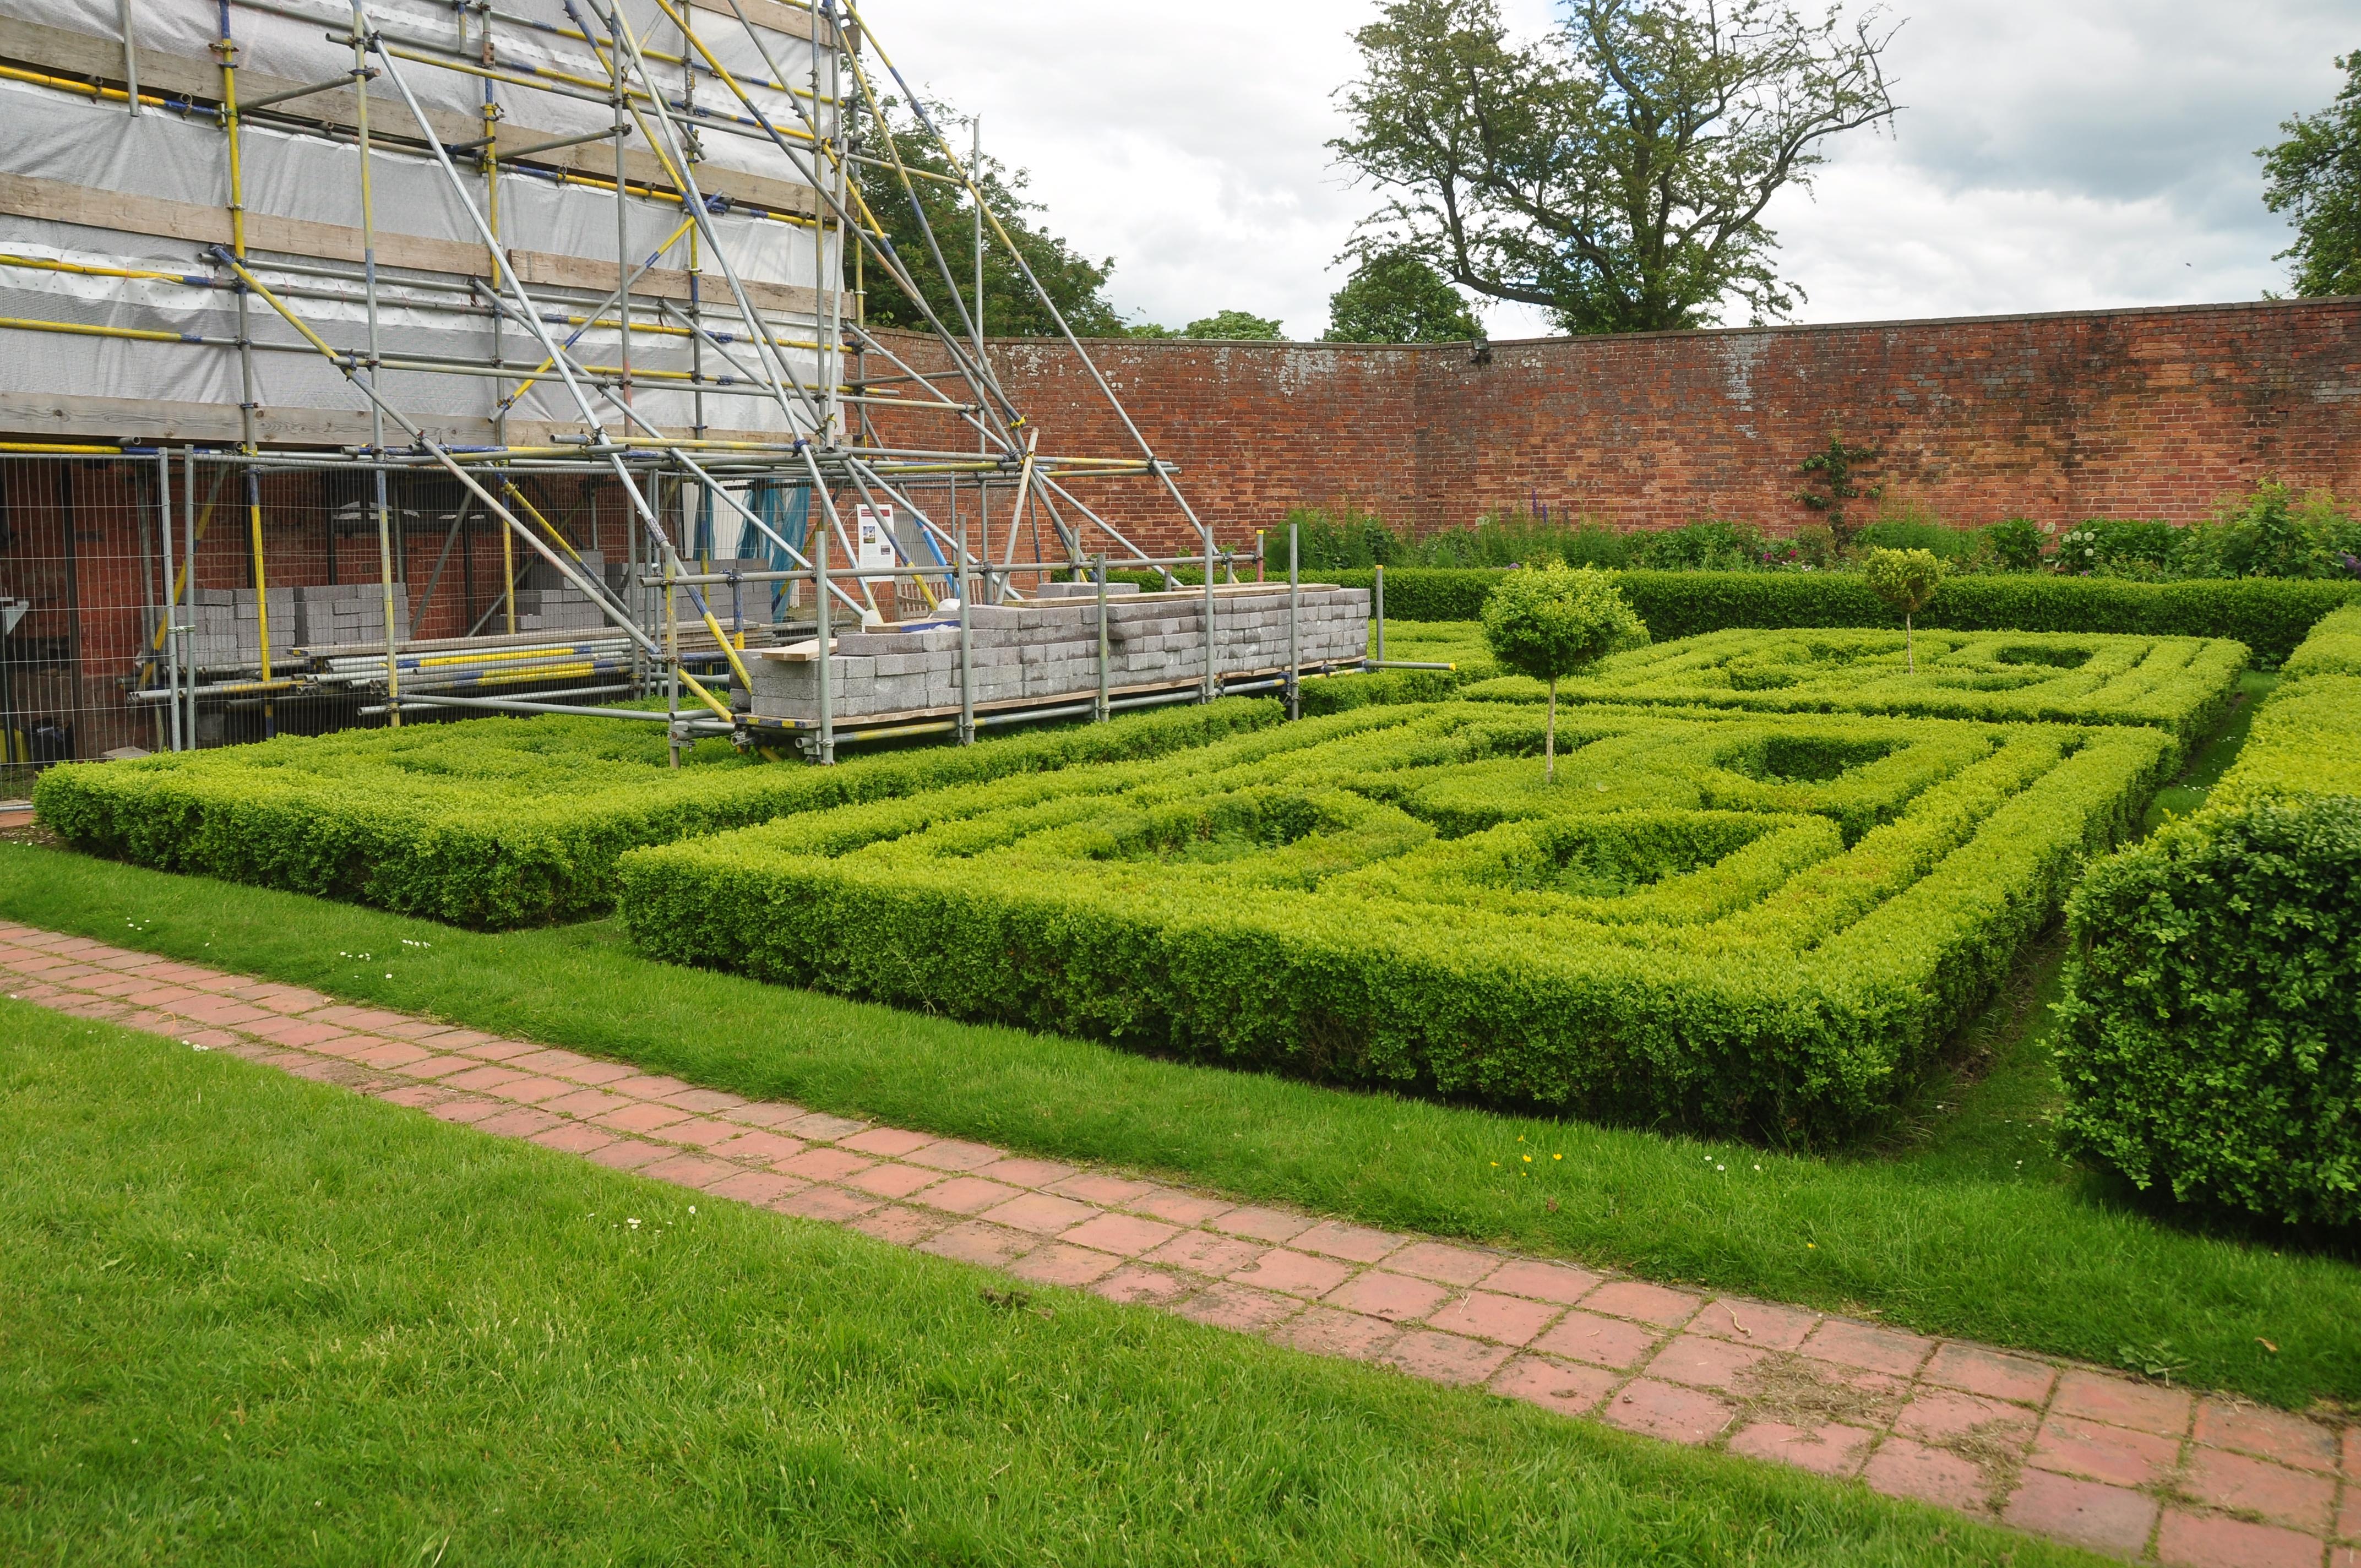 File:Boscobel House gardens (5225).jpg - Wikimedia Commons